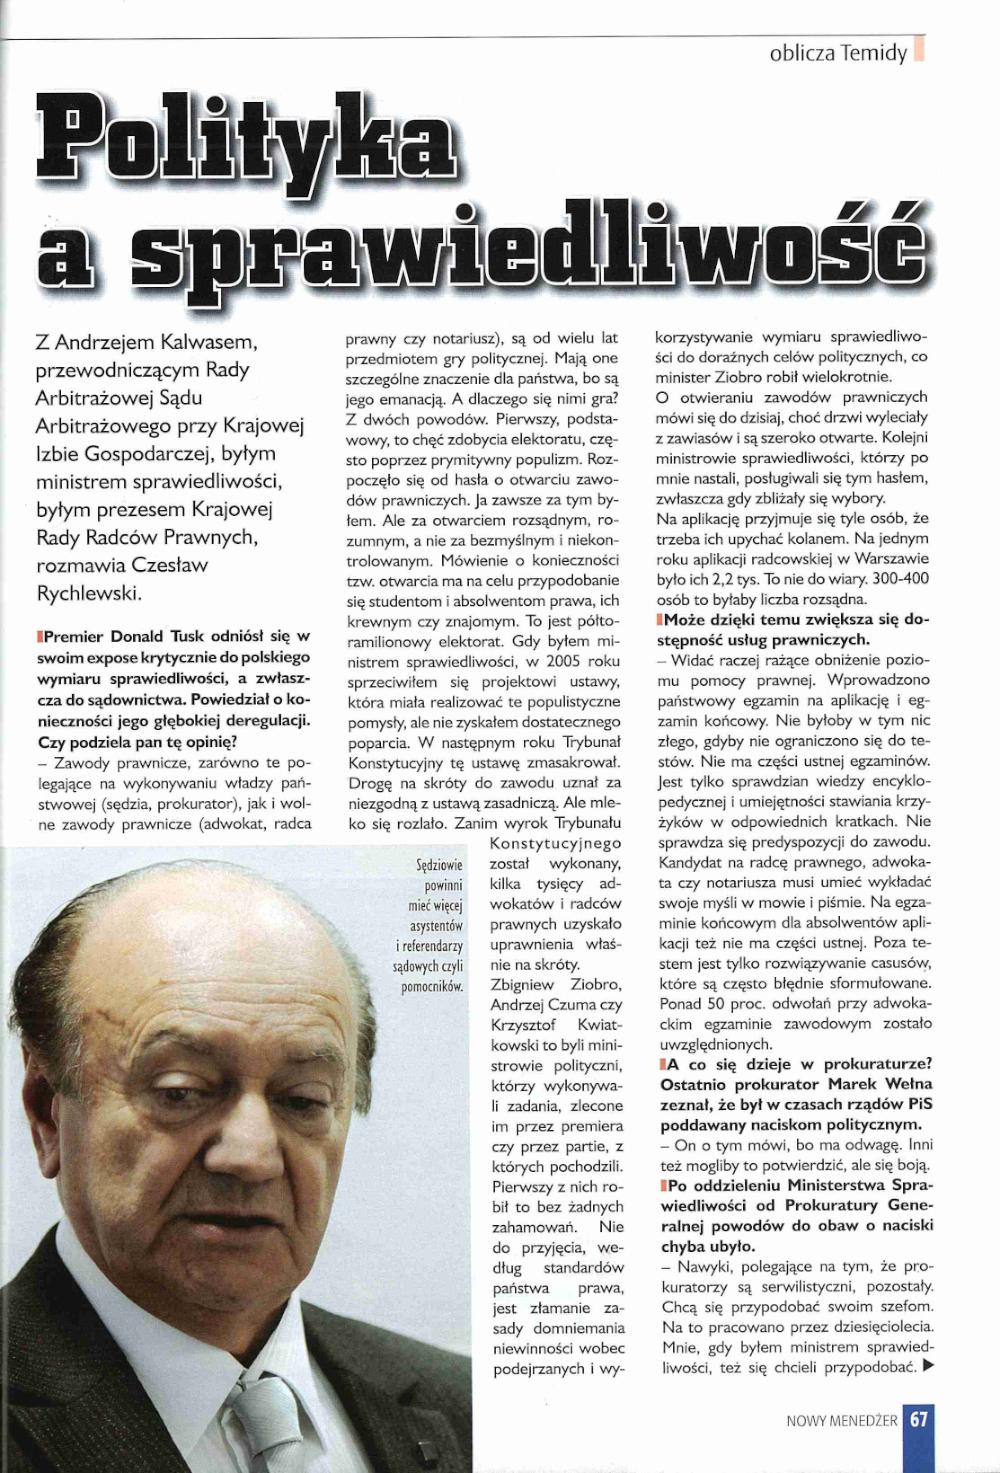 Mec. Andrzej Kalwas